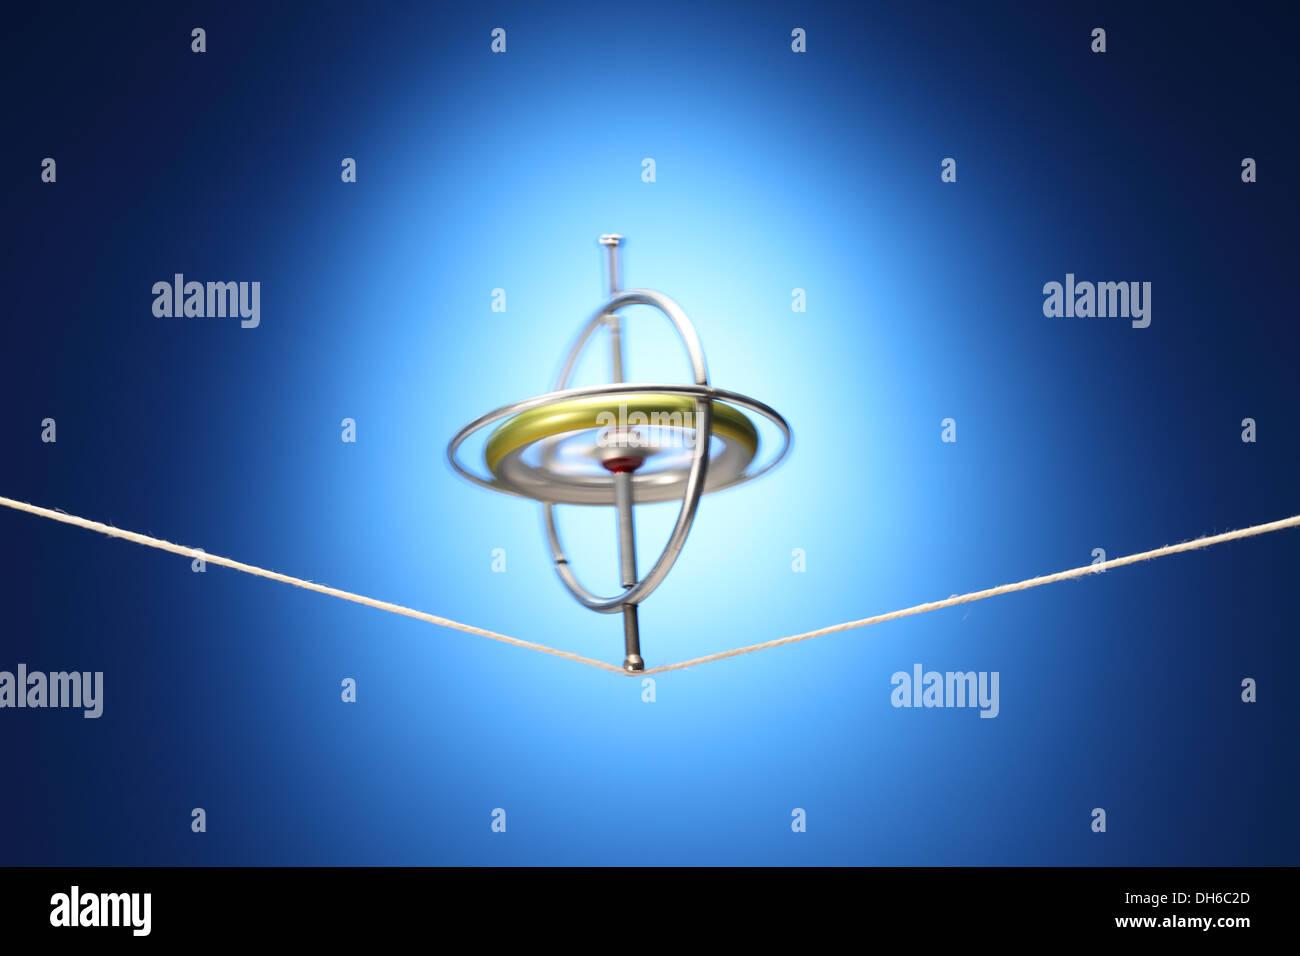 Un giroscopio girando equilibrado sobre un paño de cadena. Foto de stock